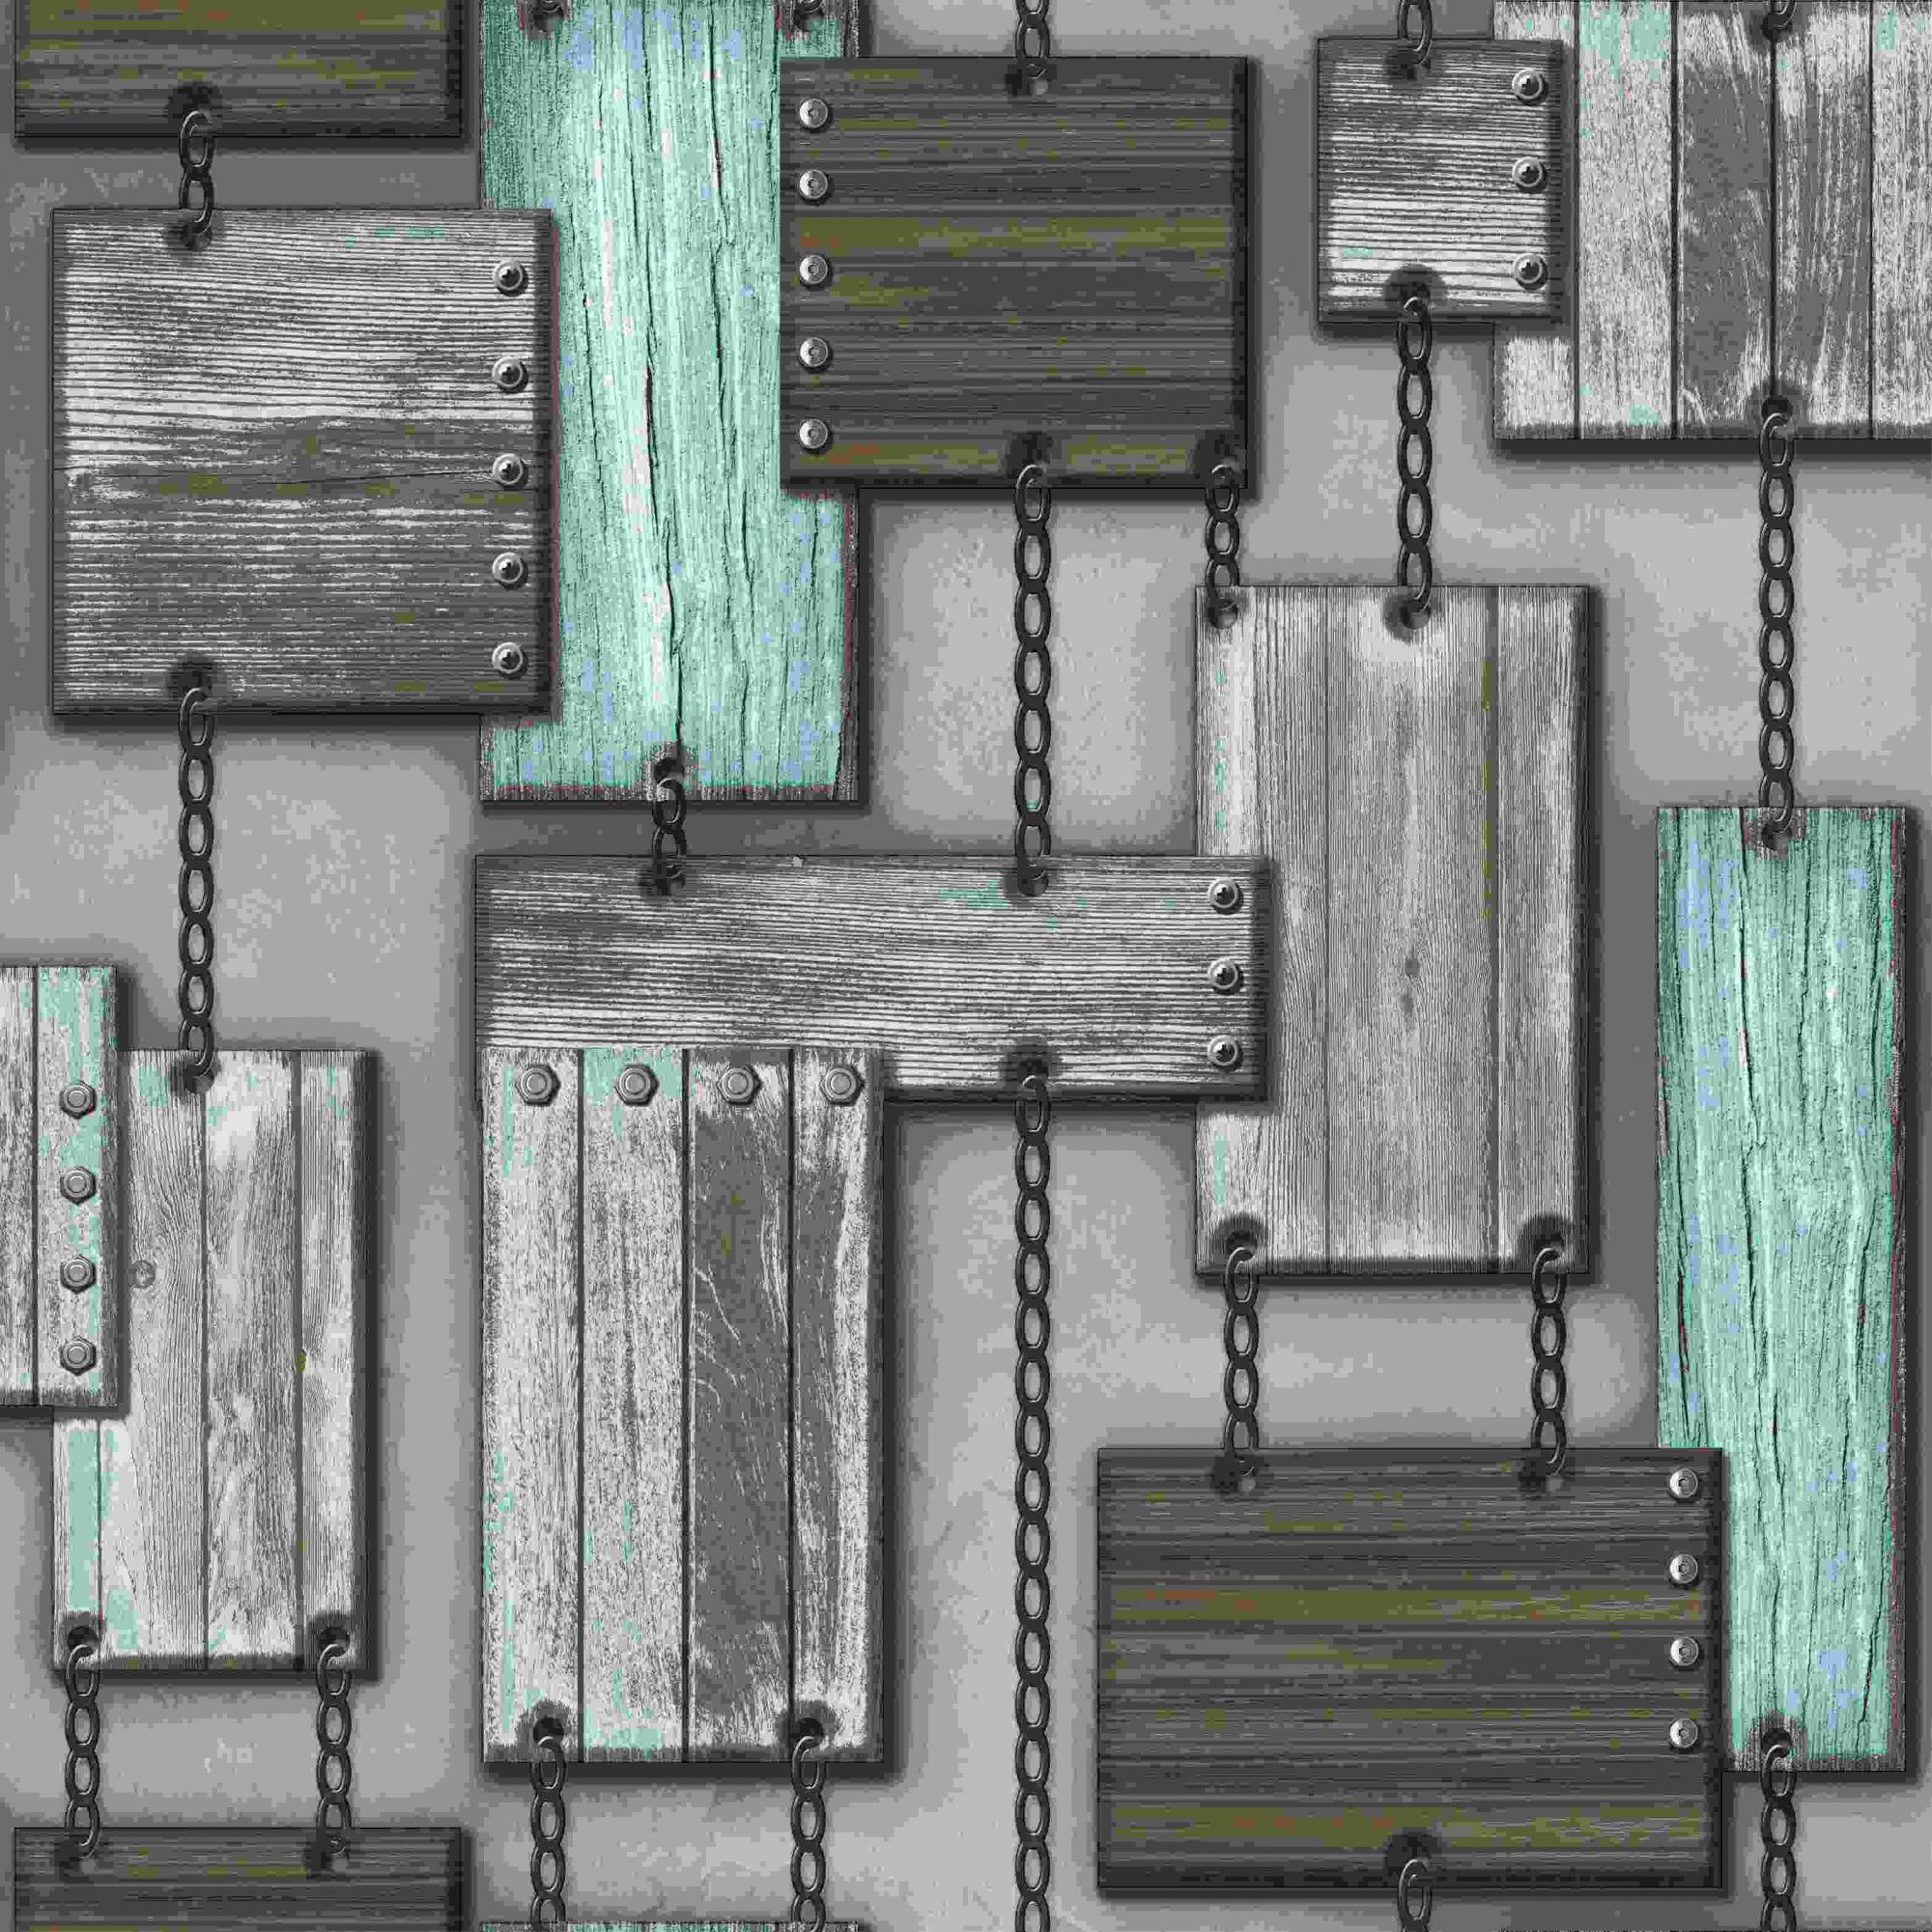 Papel de Parede Kan Tai Vinílico Coleção Neonature 5 Formas Madeira Cinza, Marrom, Azul